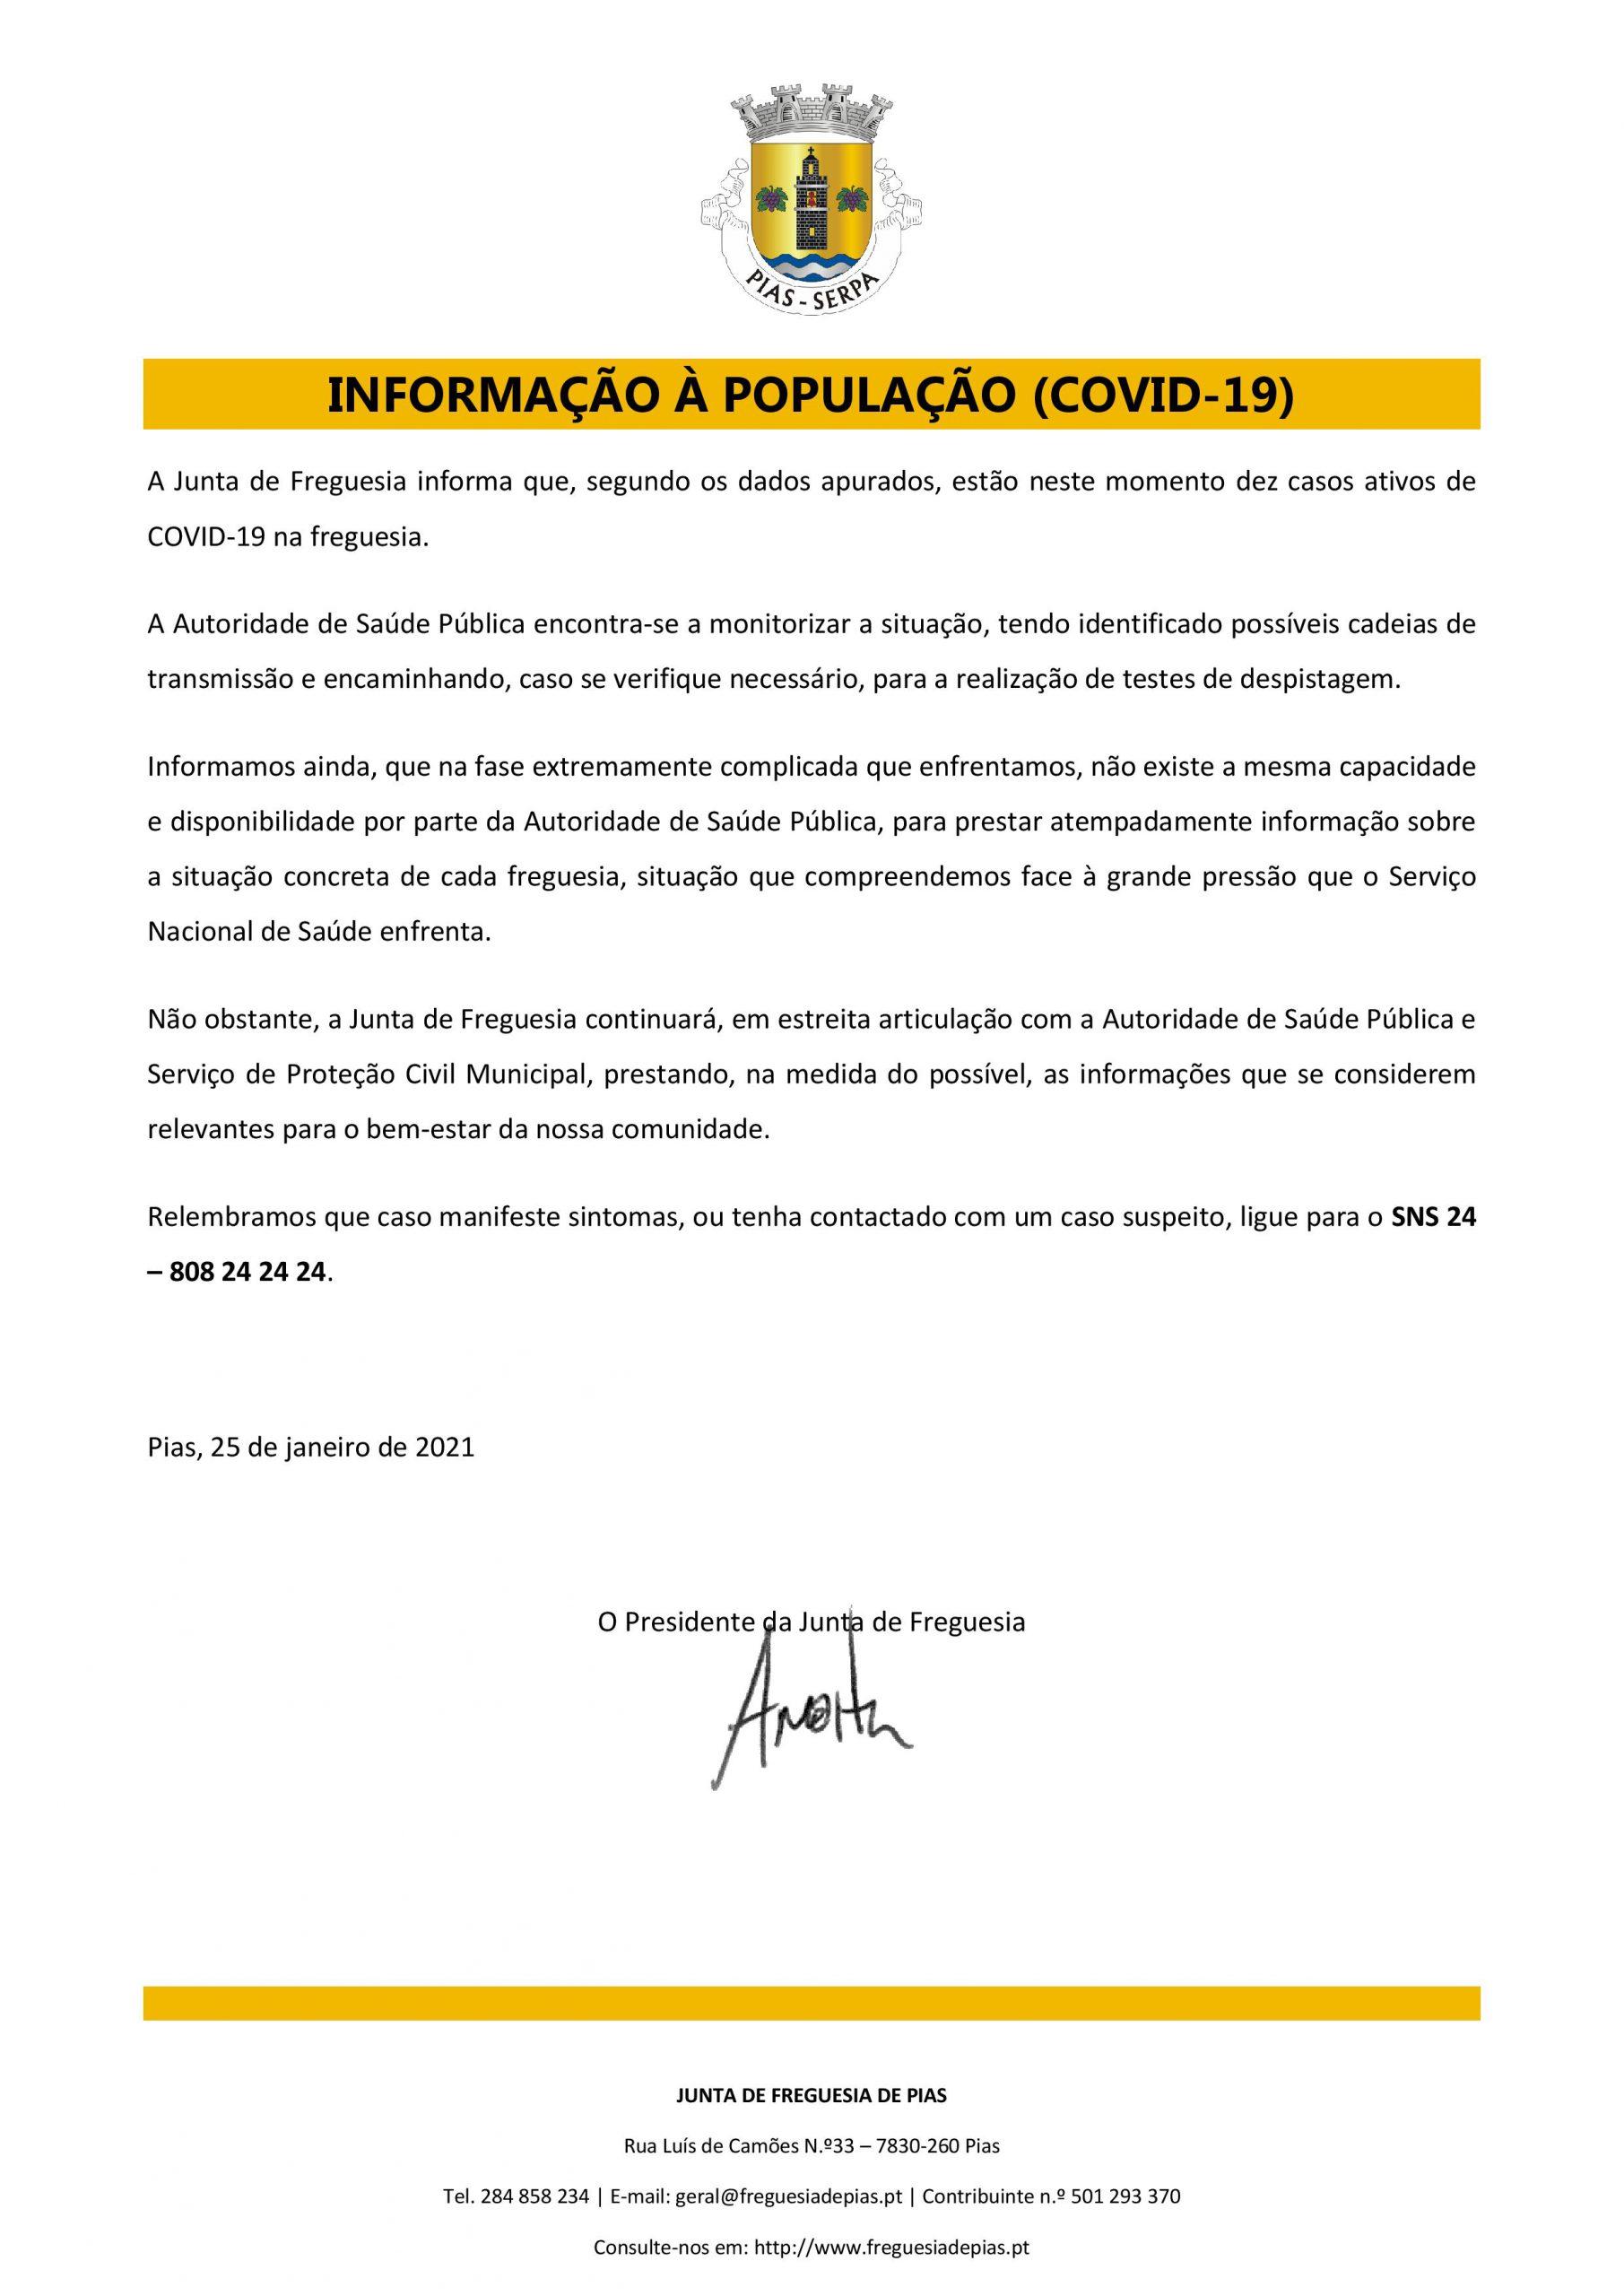 Informação à população covid-19